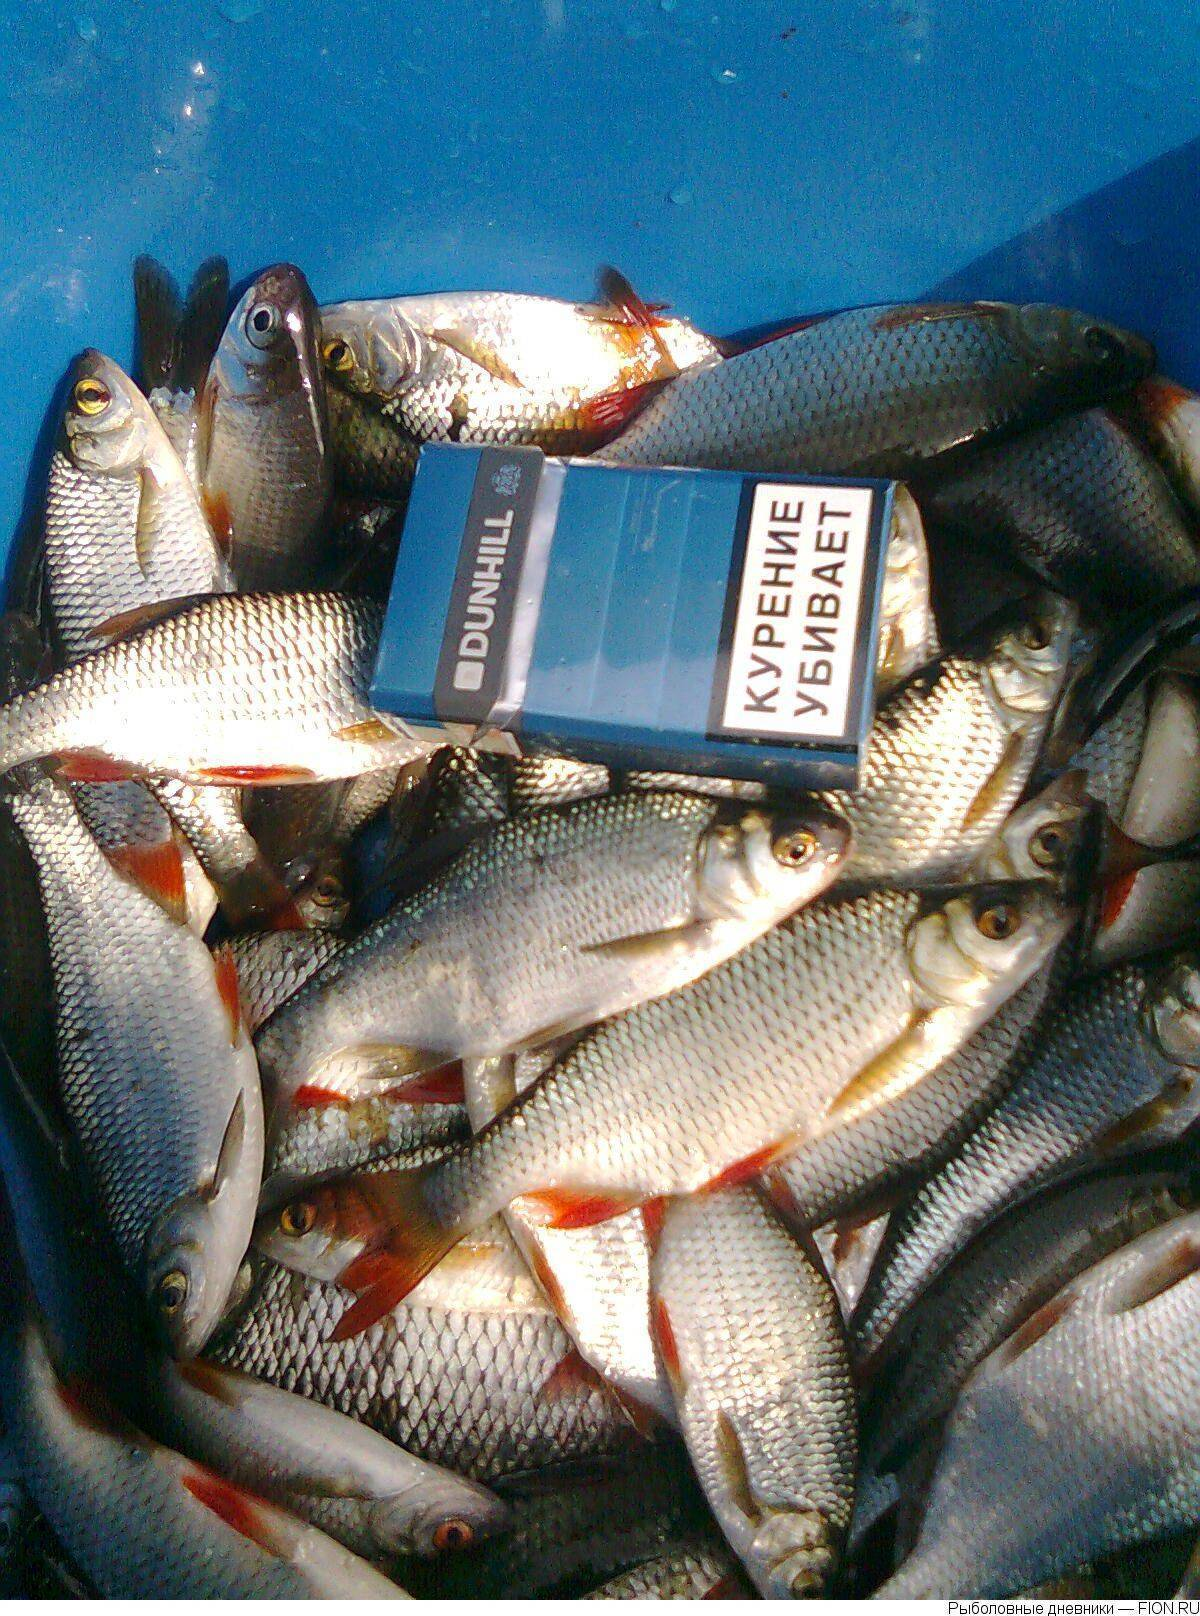 Рыбалка на реке десна московской области: лучшие места для ловли, какая рыба водится